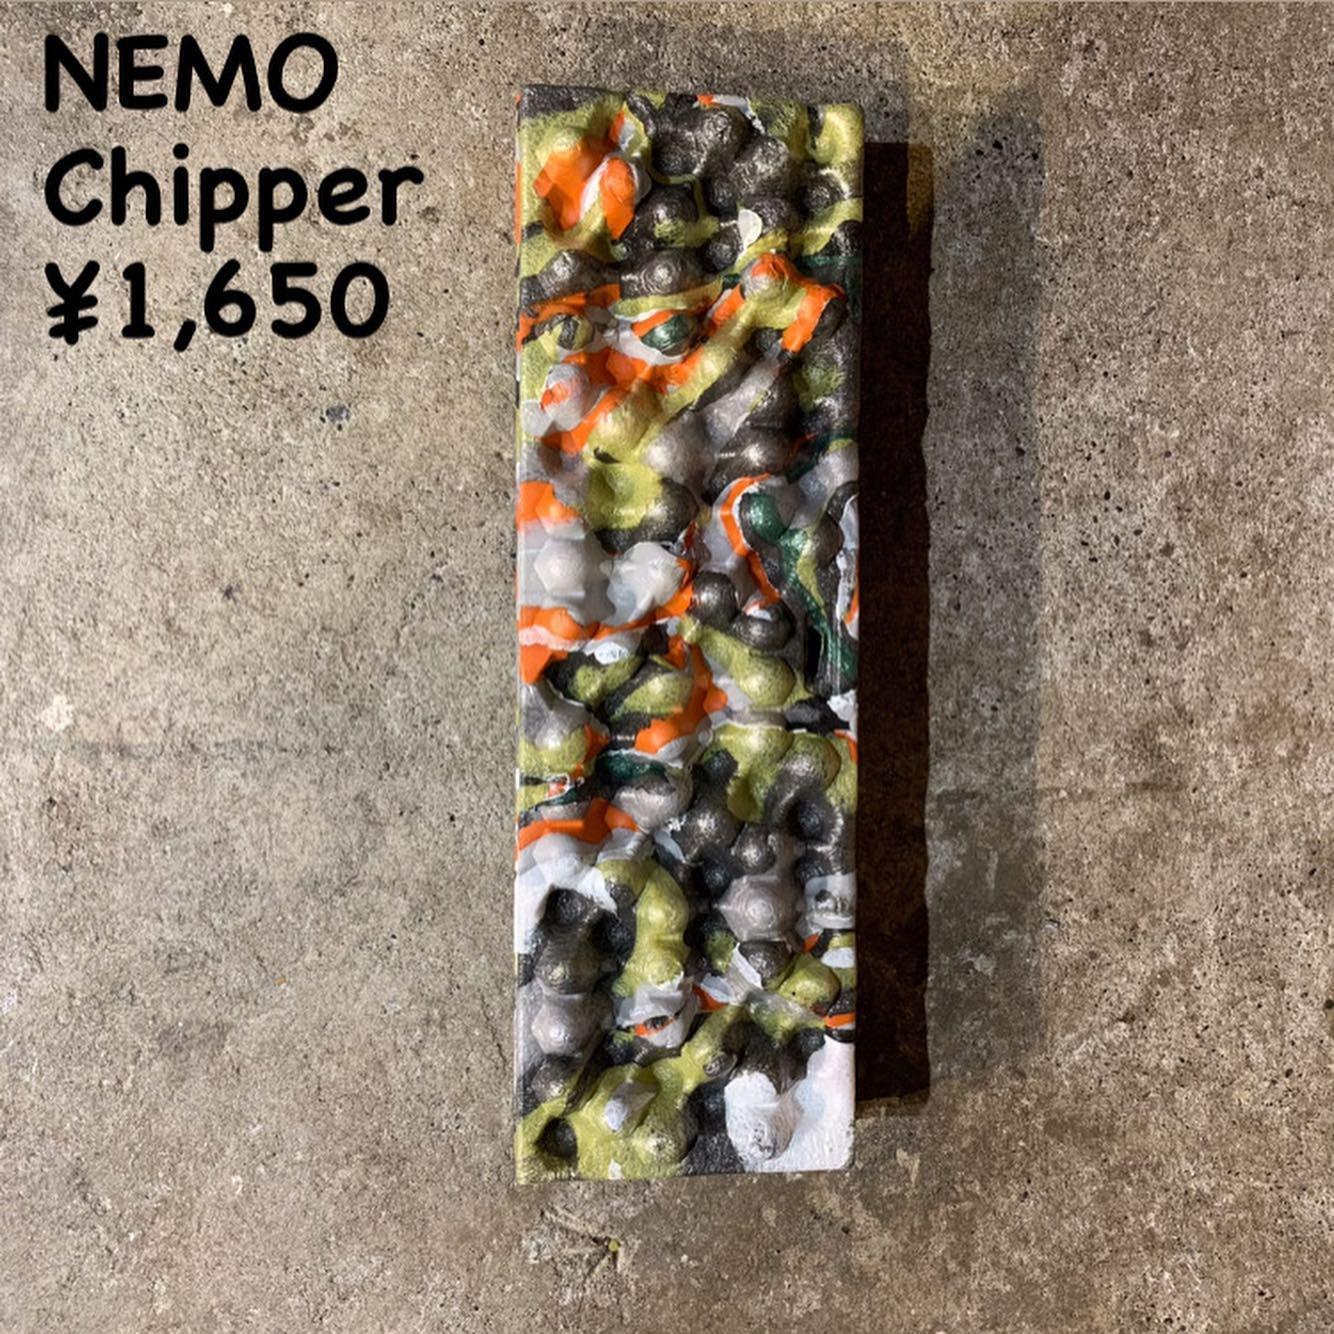 100%リサイクル素材で作られたサスティナブル製品『NEMO チッパー』のご紹介